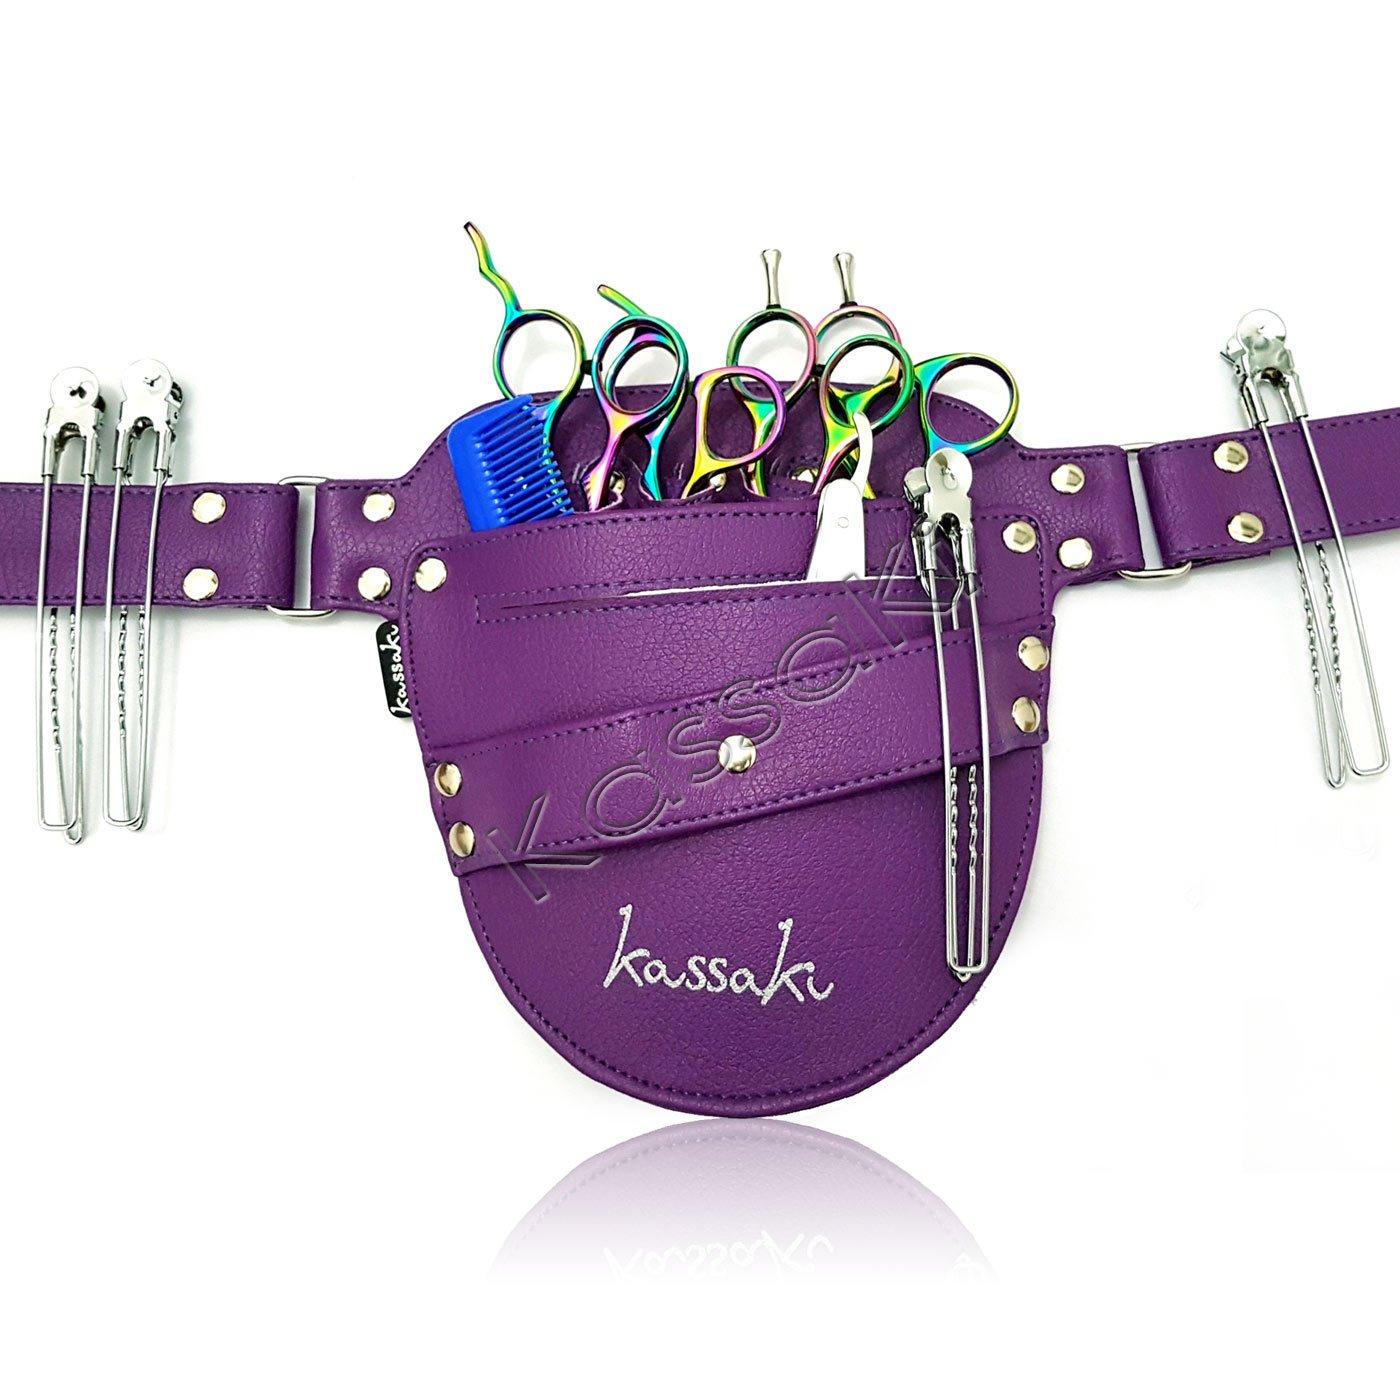 Scissor Pouch Hairdressing Holster Kassaki Equipment Kit Bag